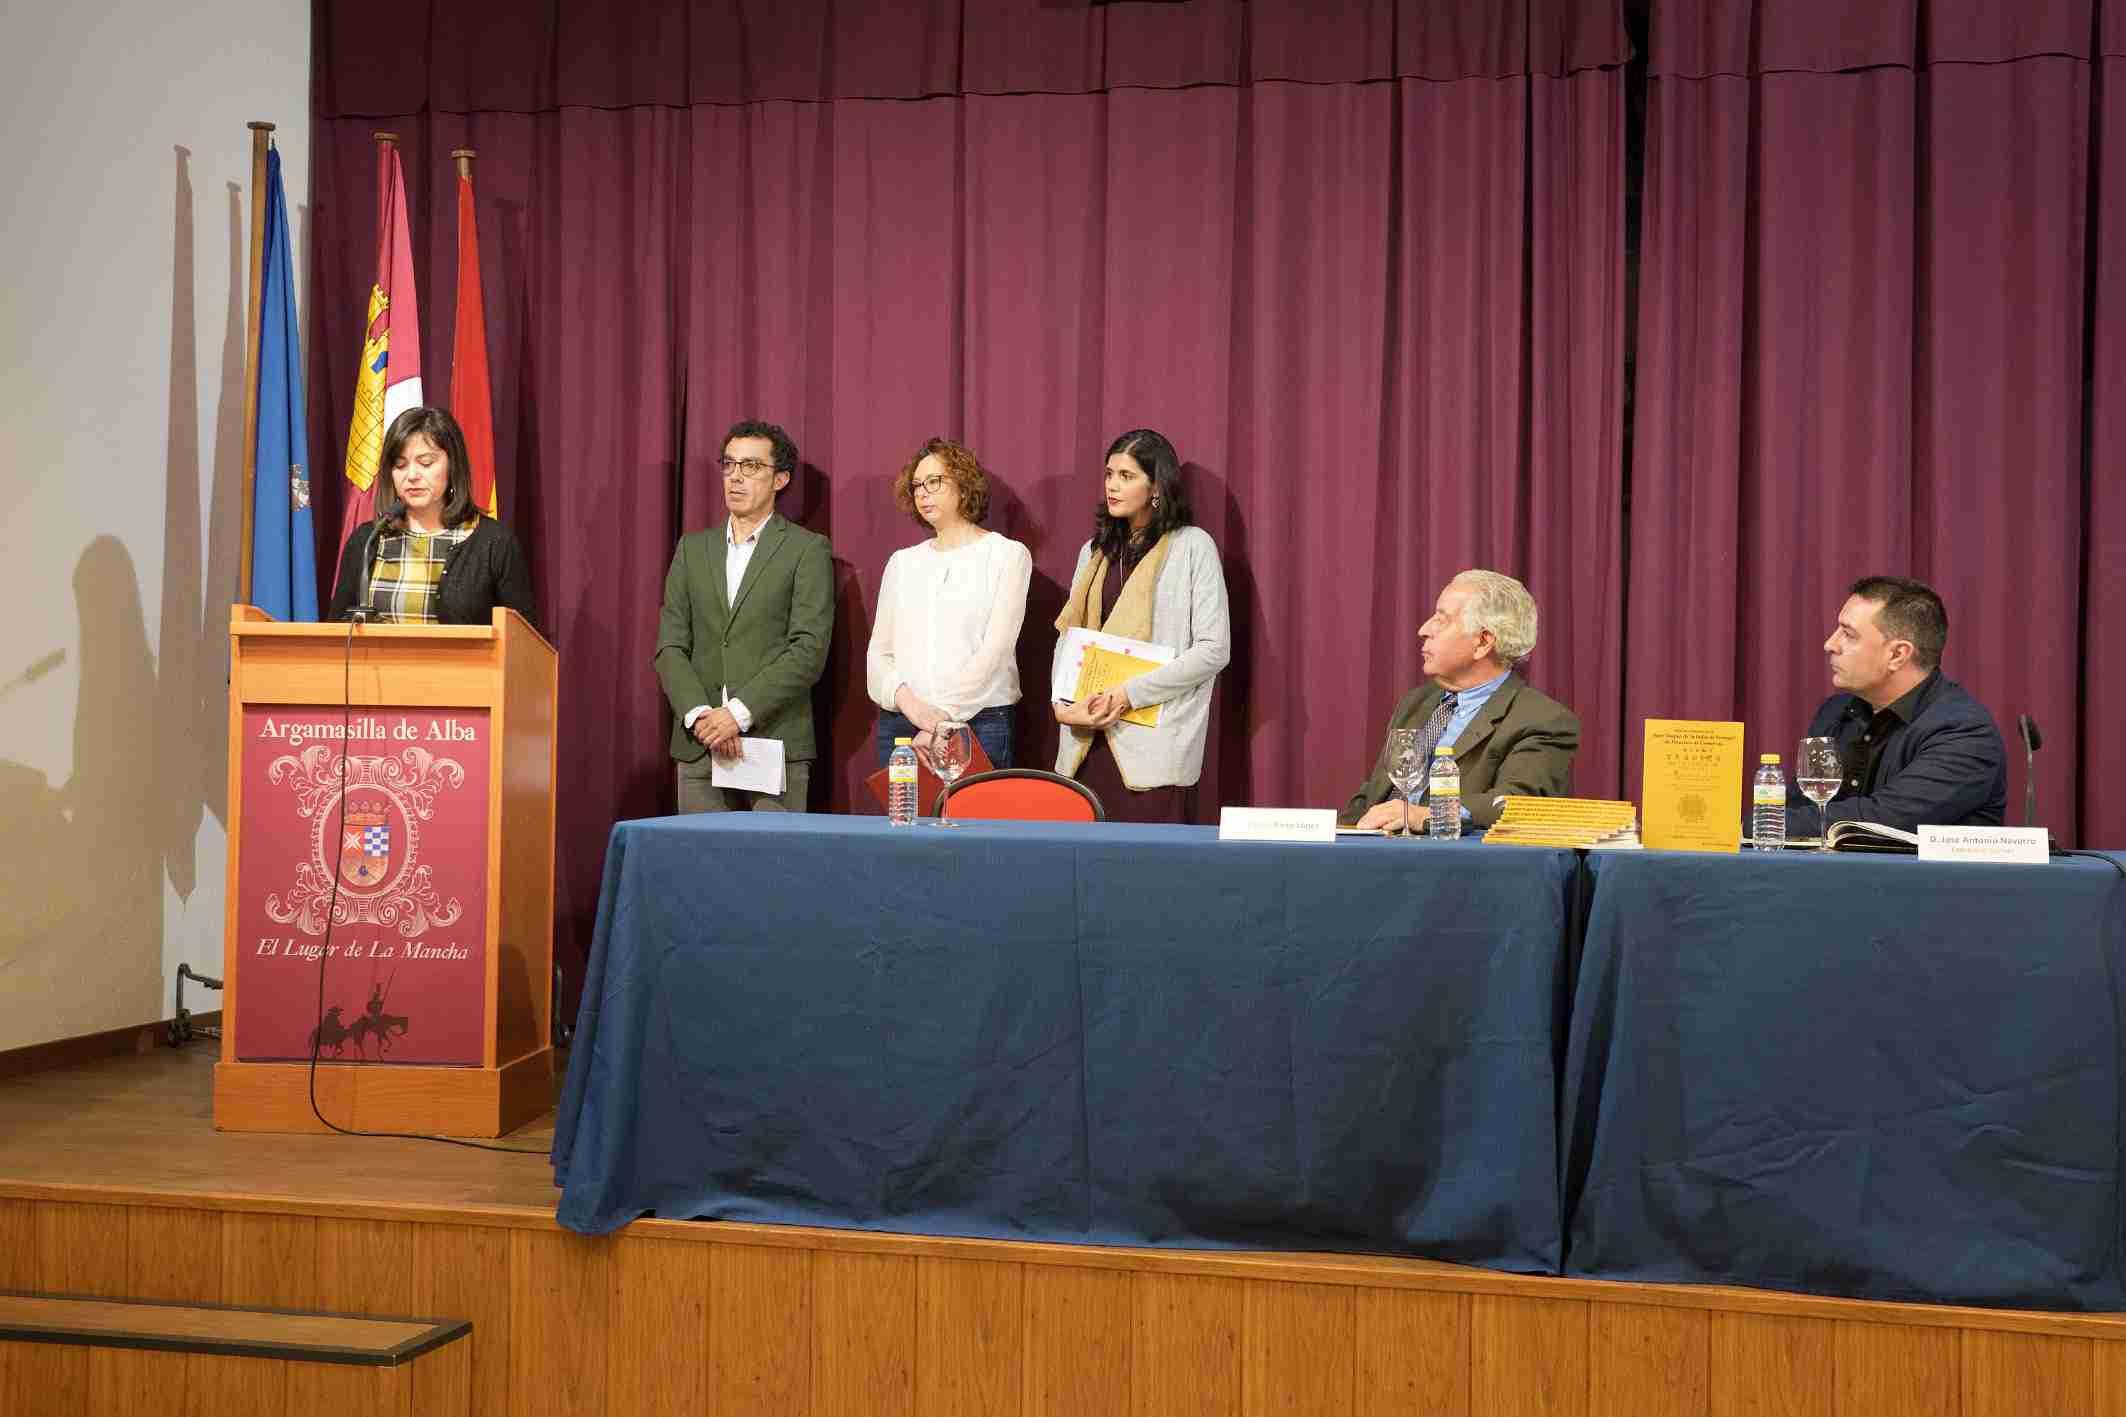 Emilio Nieto expuso su investigación sobre la obra Nave trágica de la India de Portugal 2